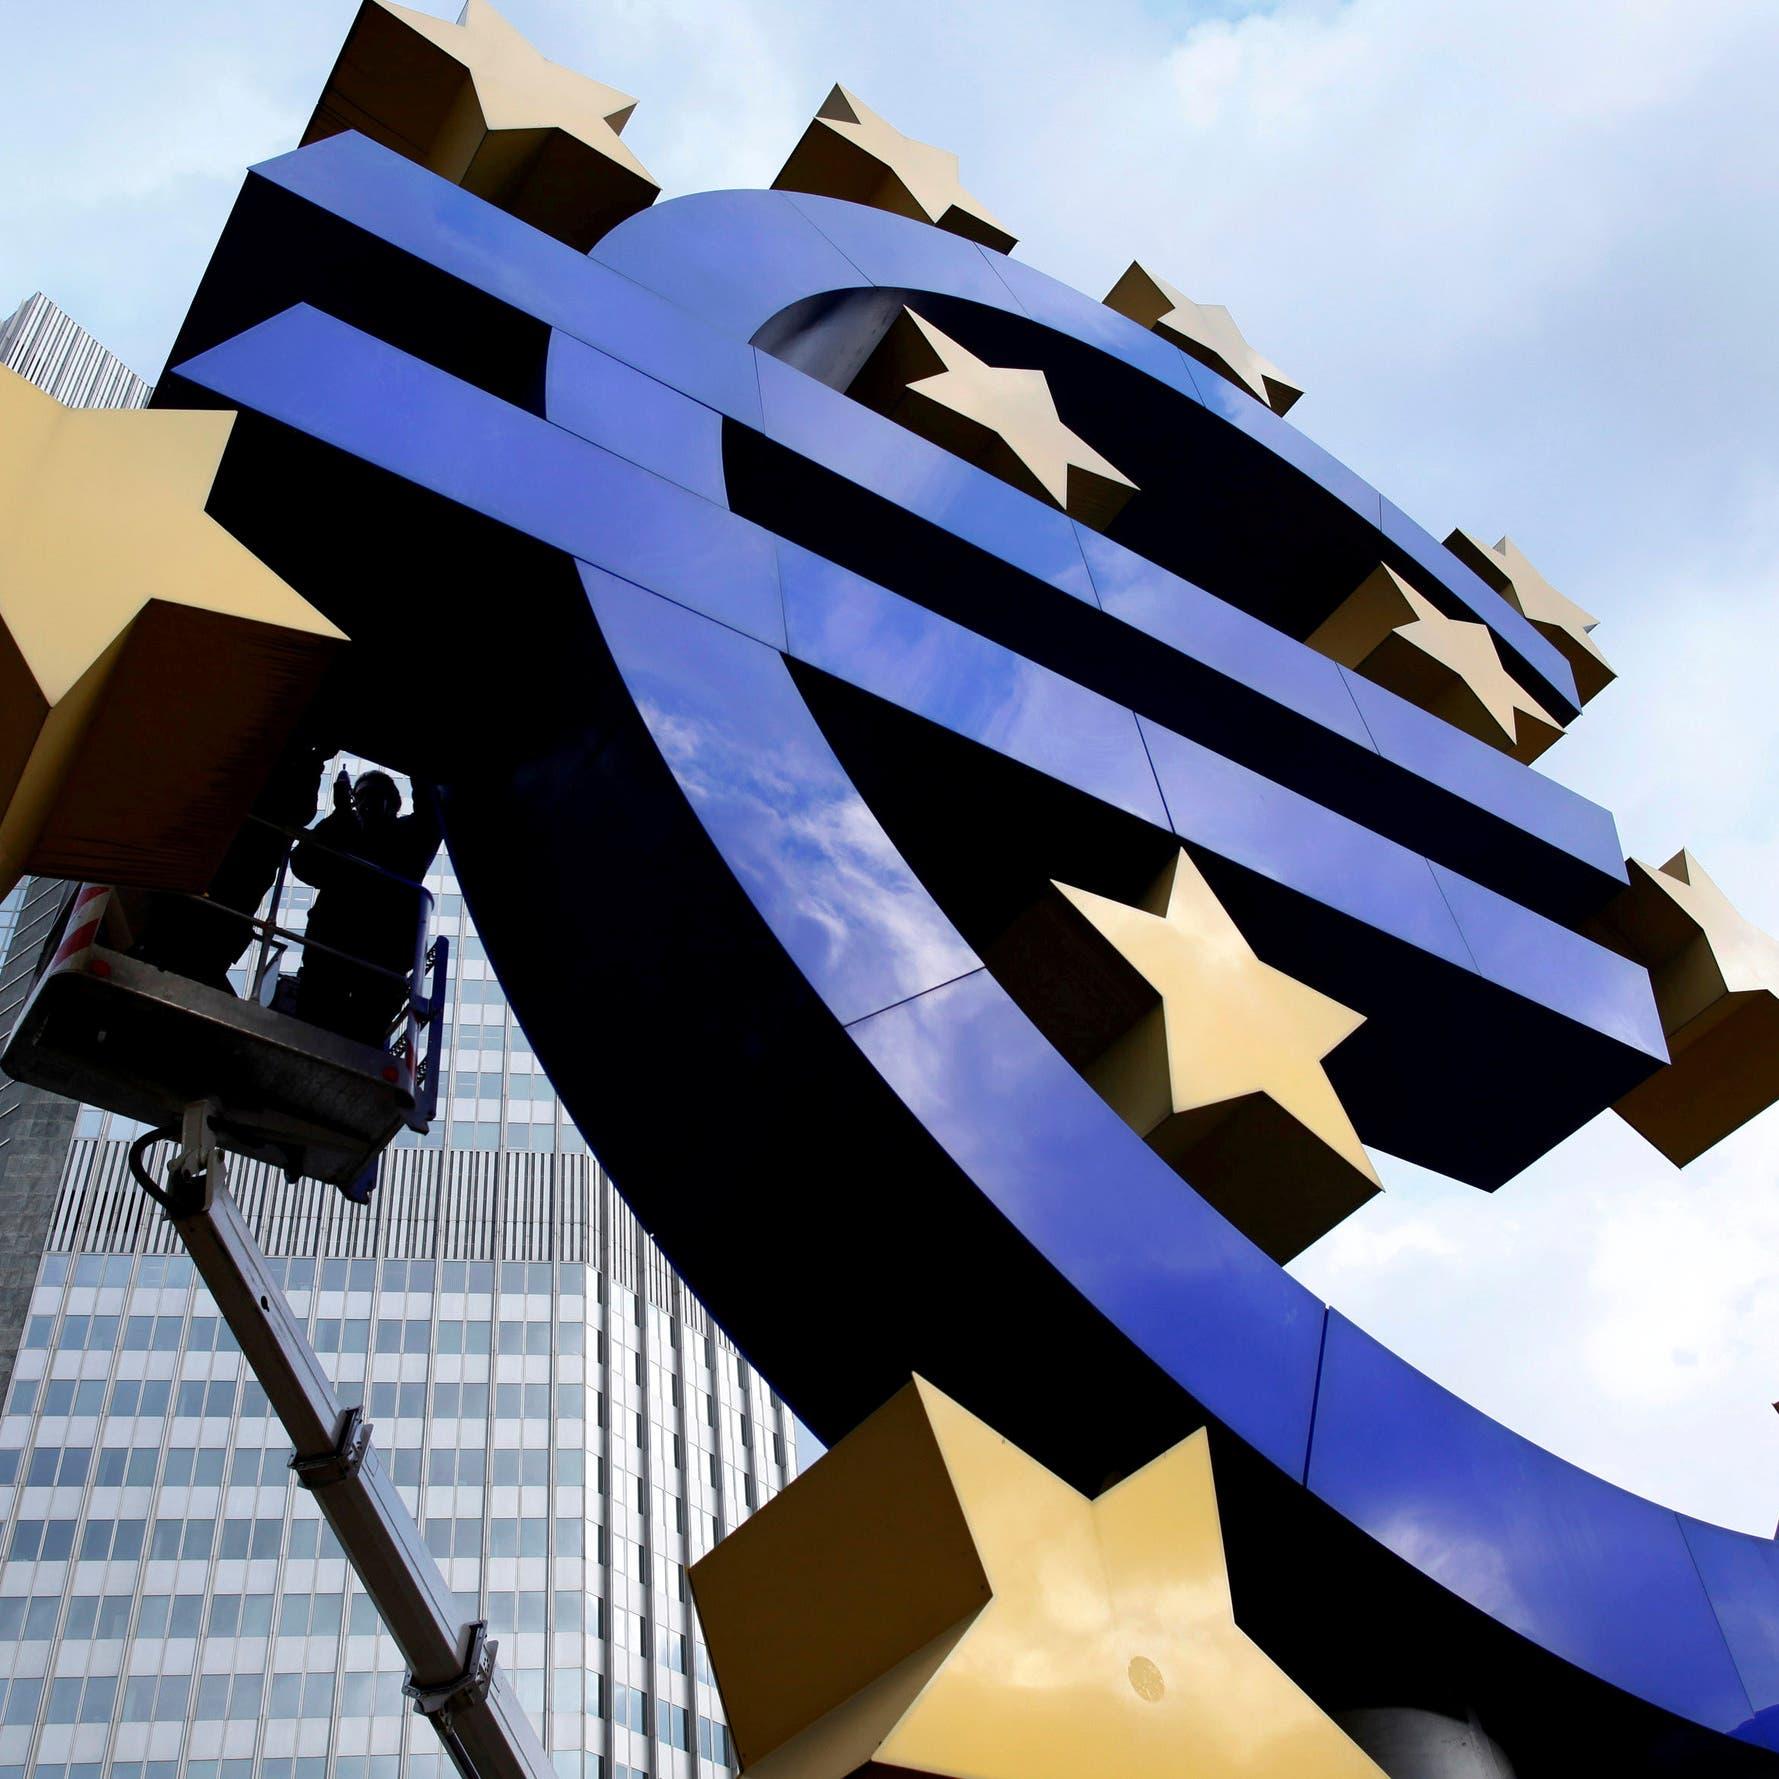 التضخم في منطقة اليورو يثير المخاوف.. مستويات غير معهودةفي 13 عاماً